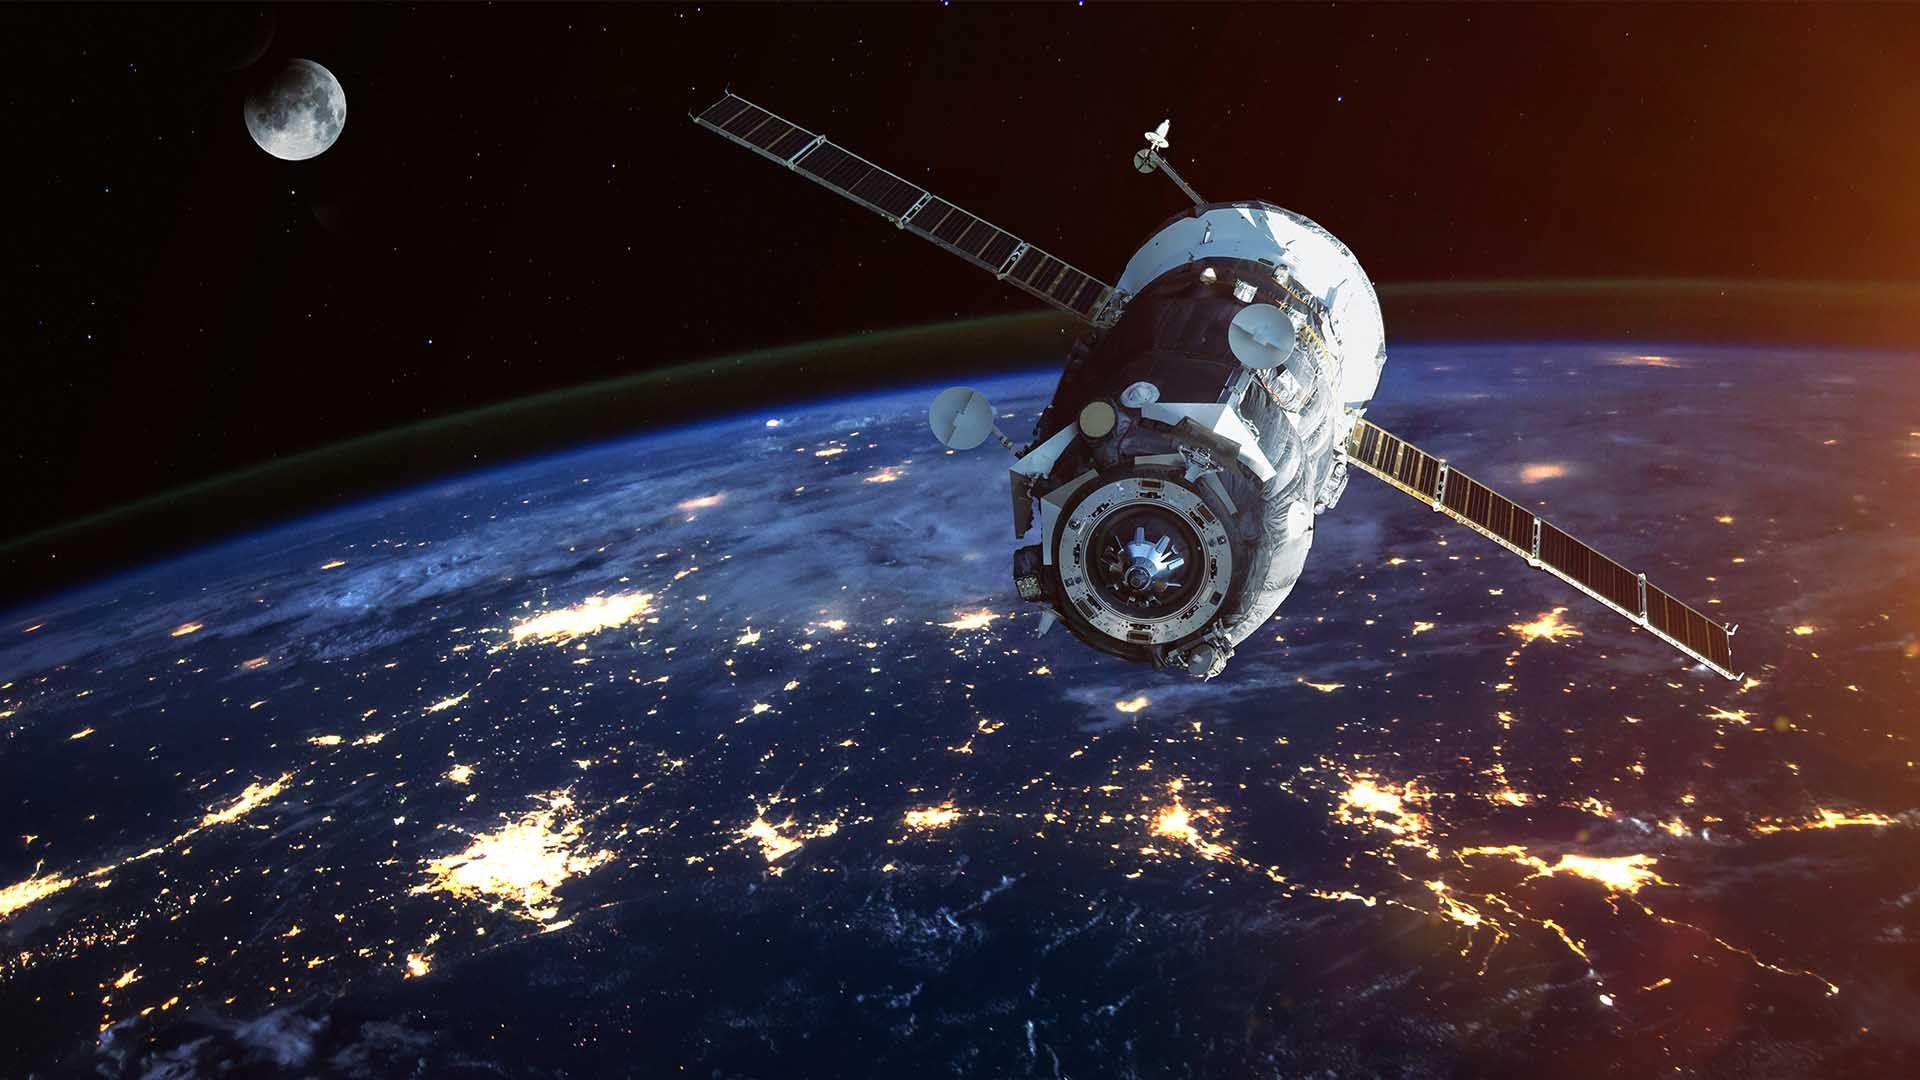 ¿Cómo caen 8 toneladas y media desde el espacio?.Sylvia Earle, Premio Princesa de Asturias de la Concordia 2018